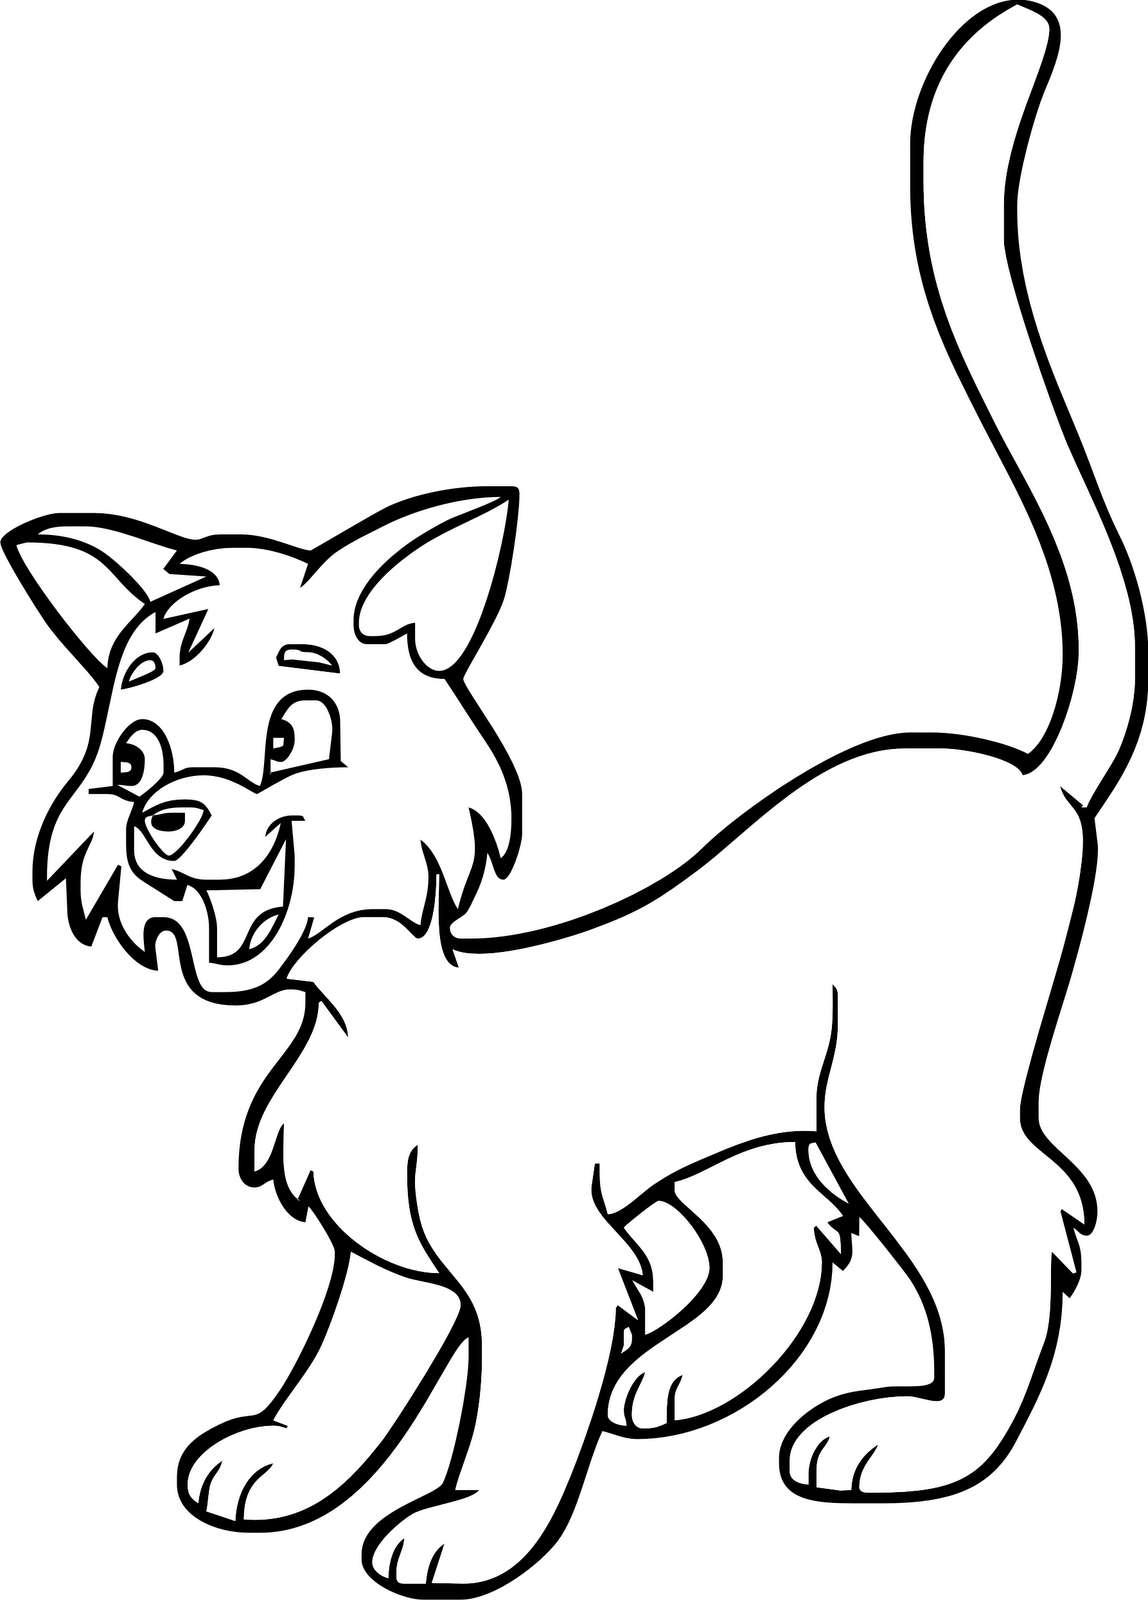 Disegno di un gattino